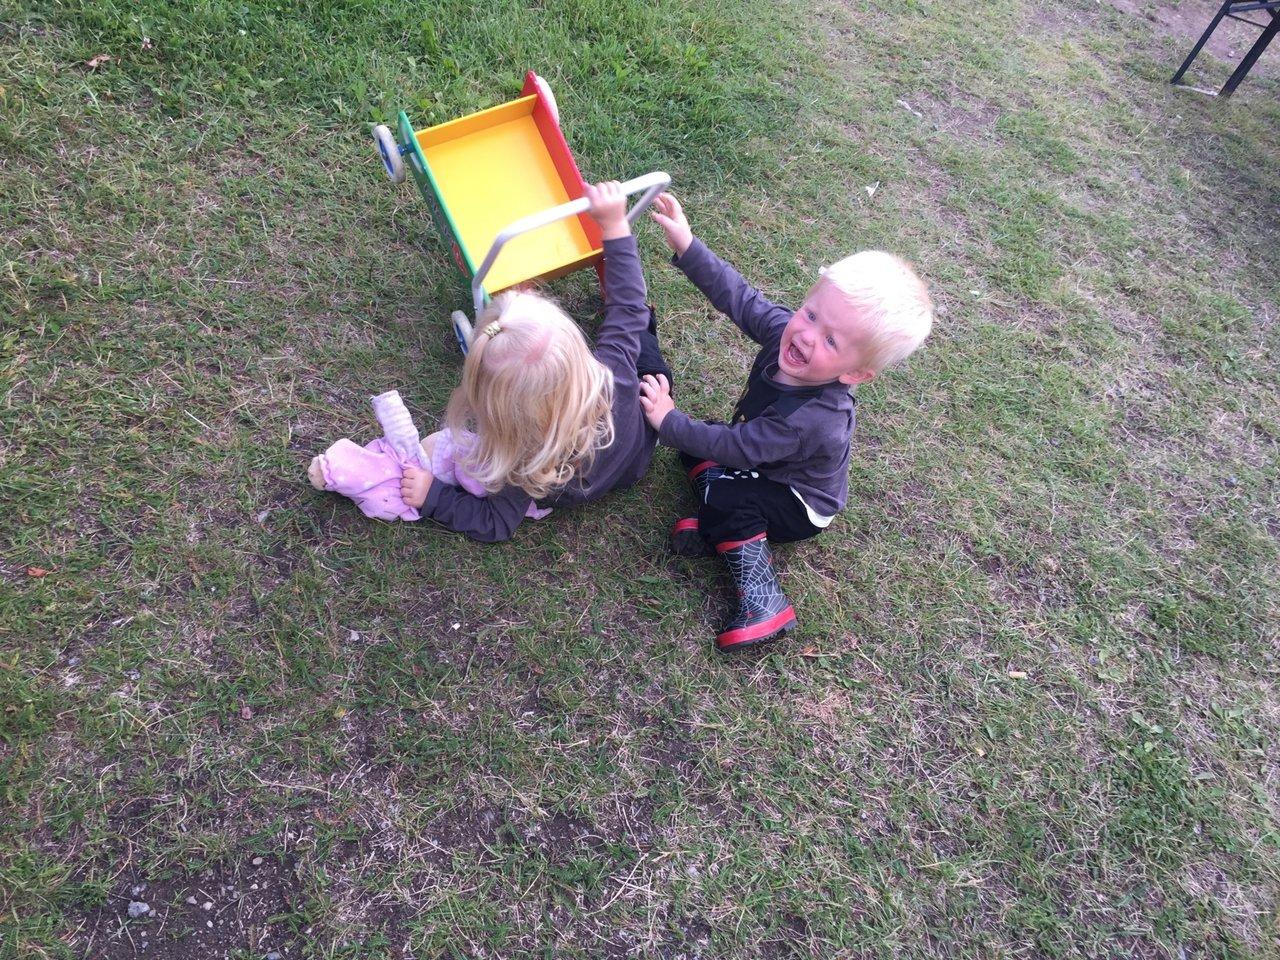 tvååring slåss